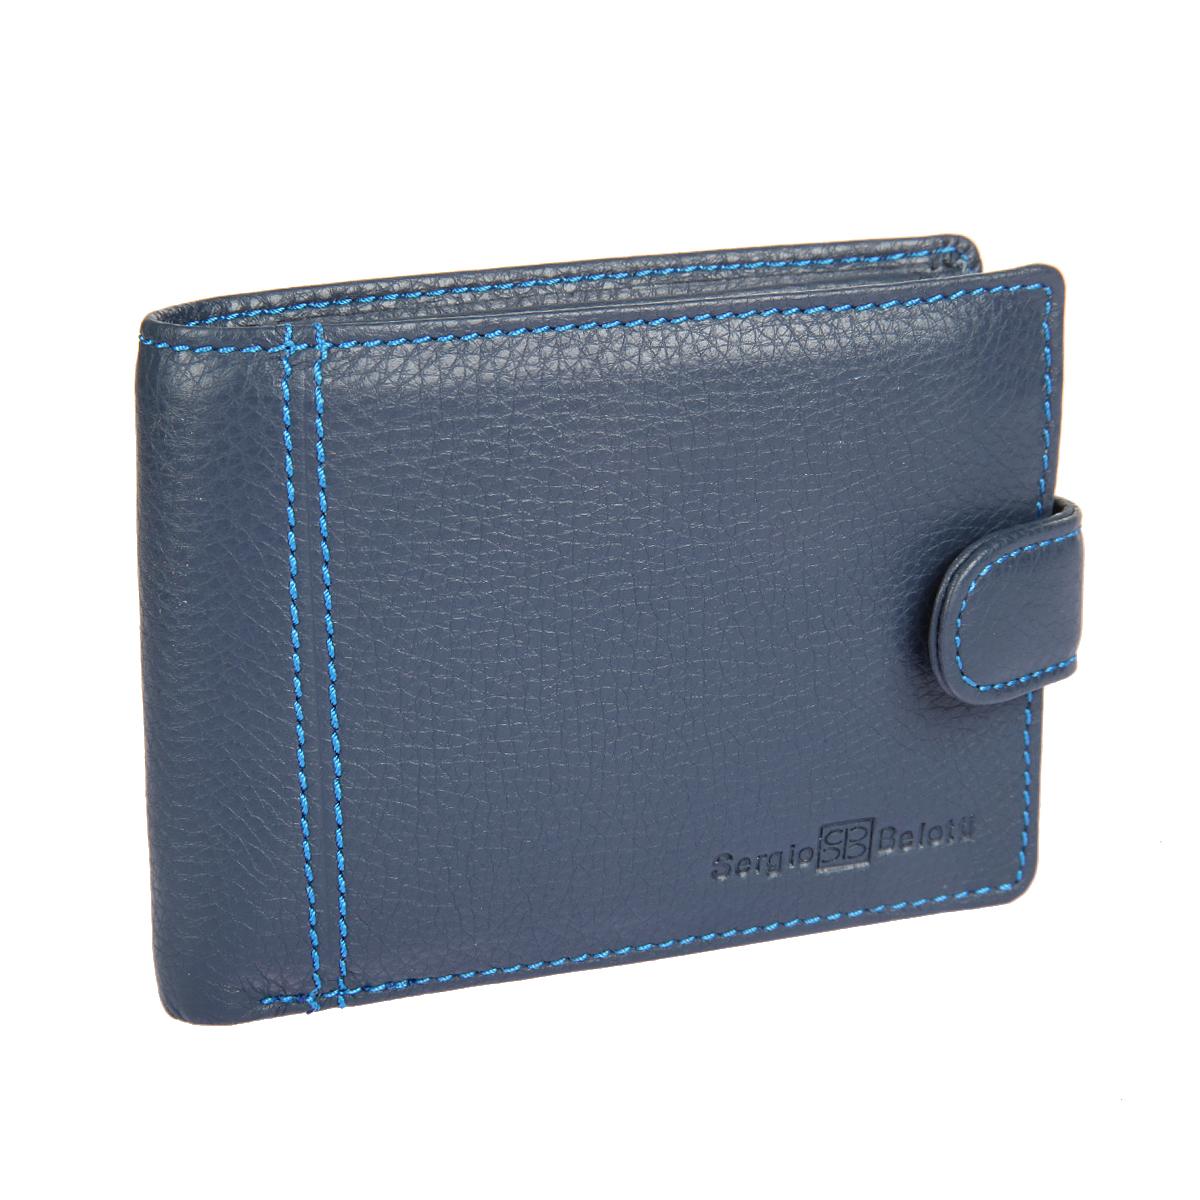 Портмоне мужское Sergio Belotti, цвет: синий. 533533 indigo jeansСтильное мужское портмоне Sergio Belotti выполнено из натуральной кожи с зернистой фактурой, оформлено декоративной строчкой и логотипом бренда. Изделие раскладывается и закрывается на хлястик с кнопкой. Внутри расположены: три отделения для купюр, одно из них закрывается на молнию, отделение для мелочи на кнопке, три потайных кармана, семь карманов для пластиковых карт, один сетчатый карман для пропуска, отделение для sim- карты. Такое портмоне станет отличным подарком для человека, ценящего качественные и необычные вещи.